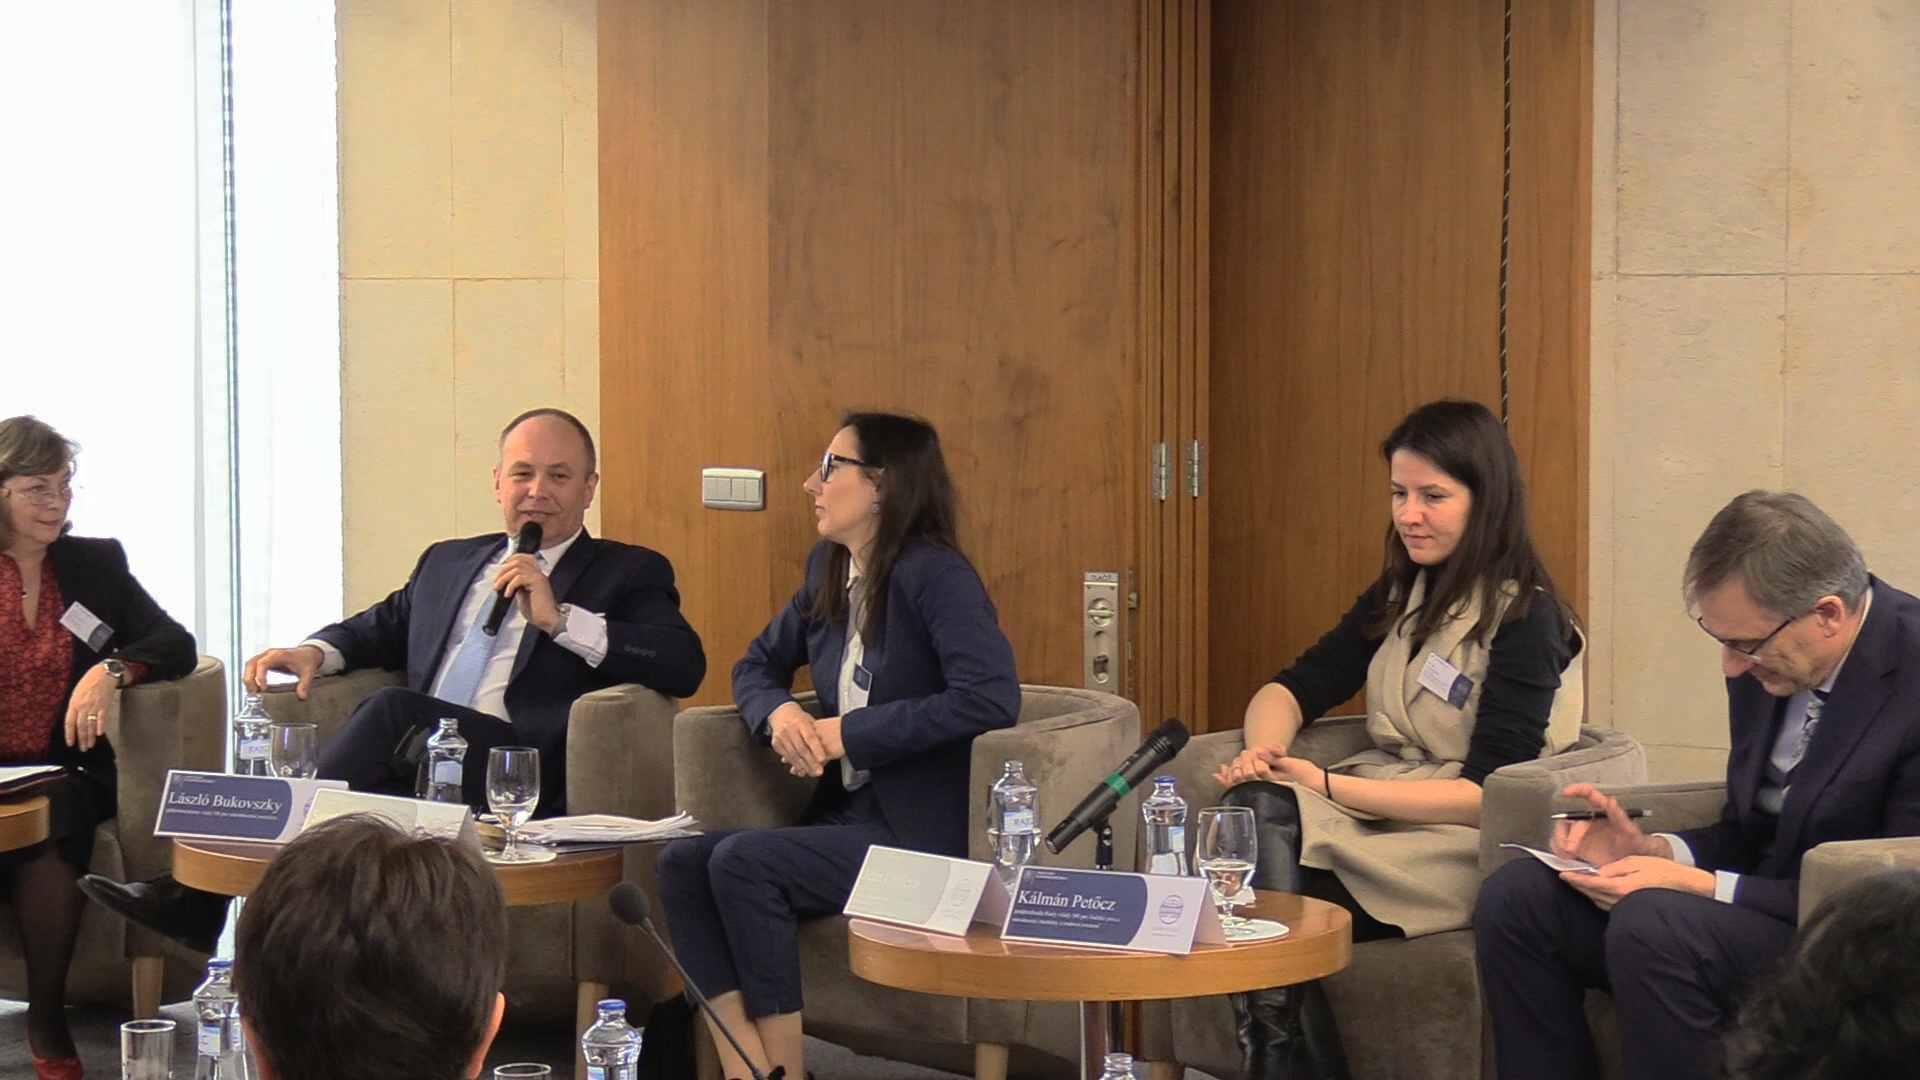 Milyen kisebbségi törvényre van szüksége Szlovákiának?